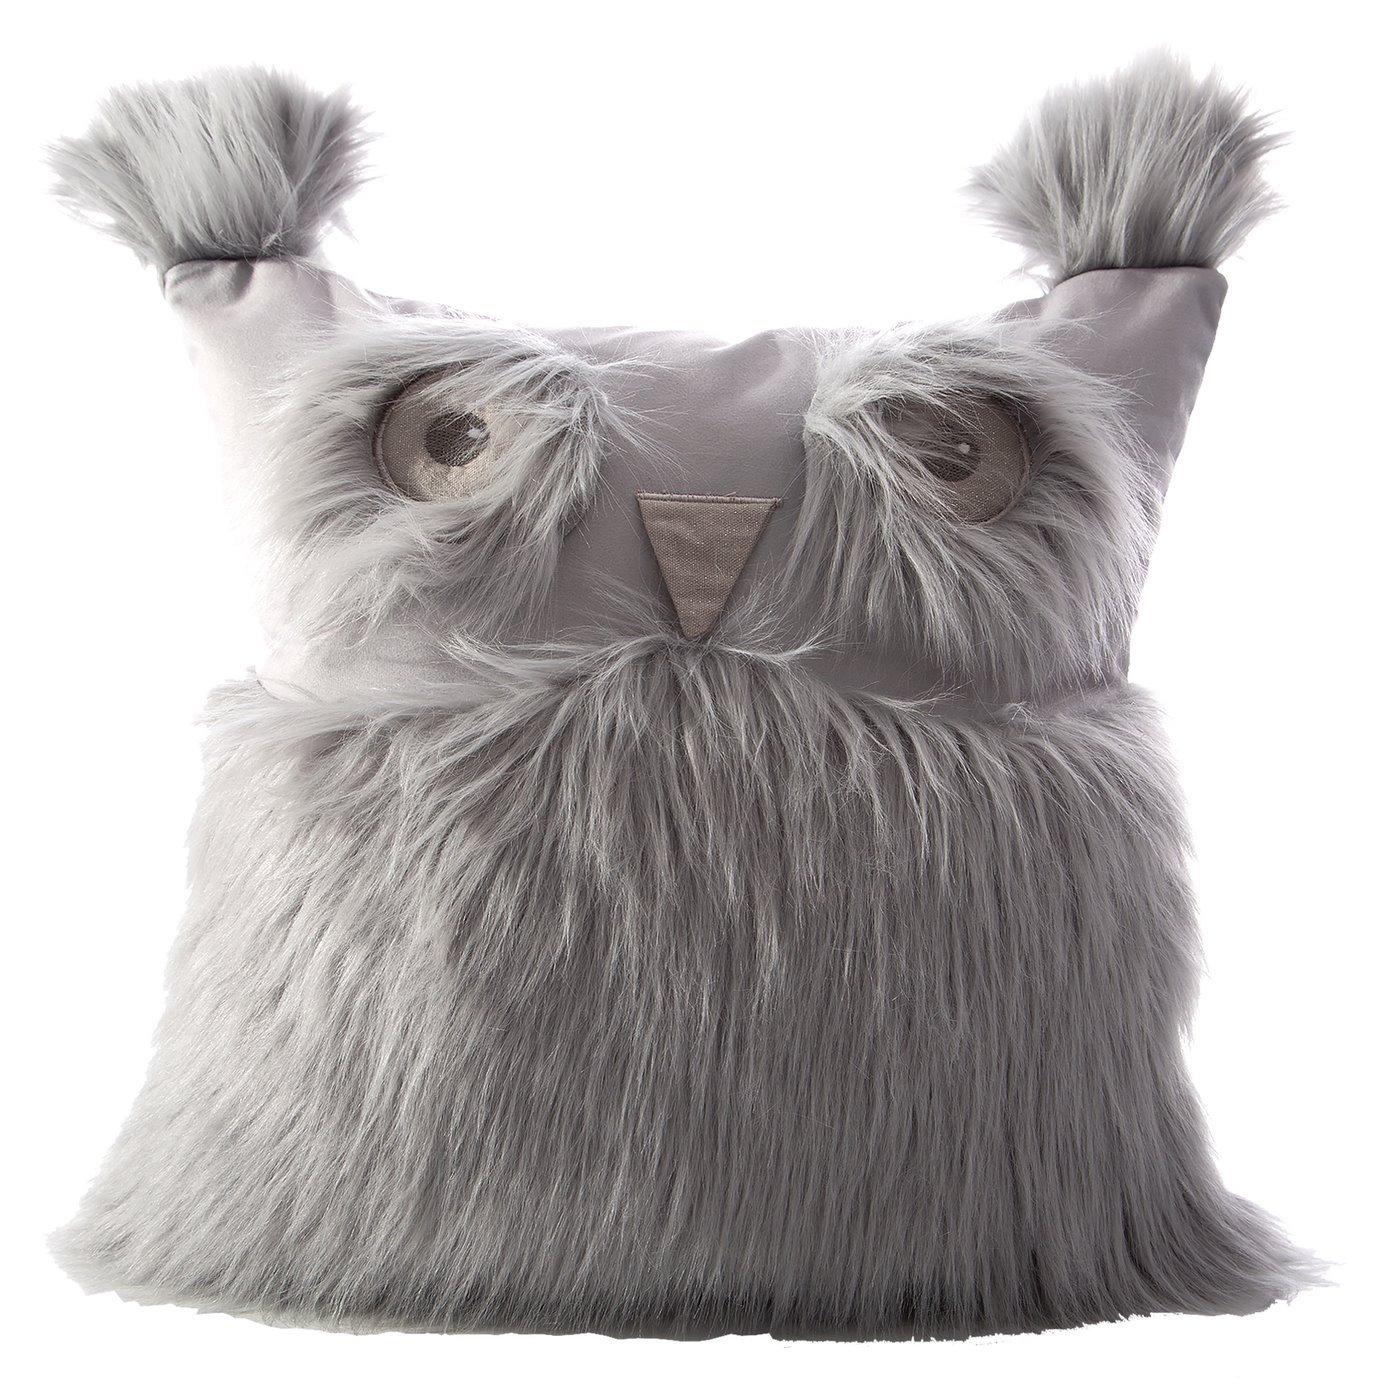 Poszewka na poduszkę 40 x 40 cm w kształcie sowy srebrna